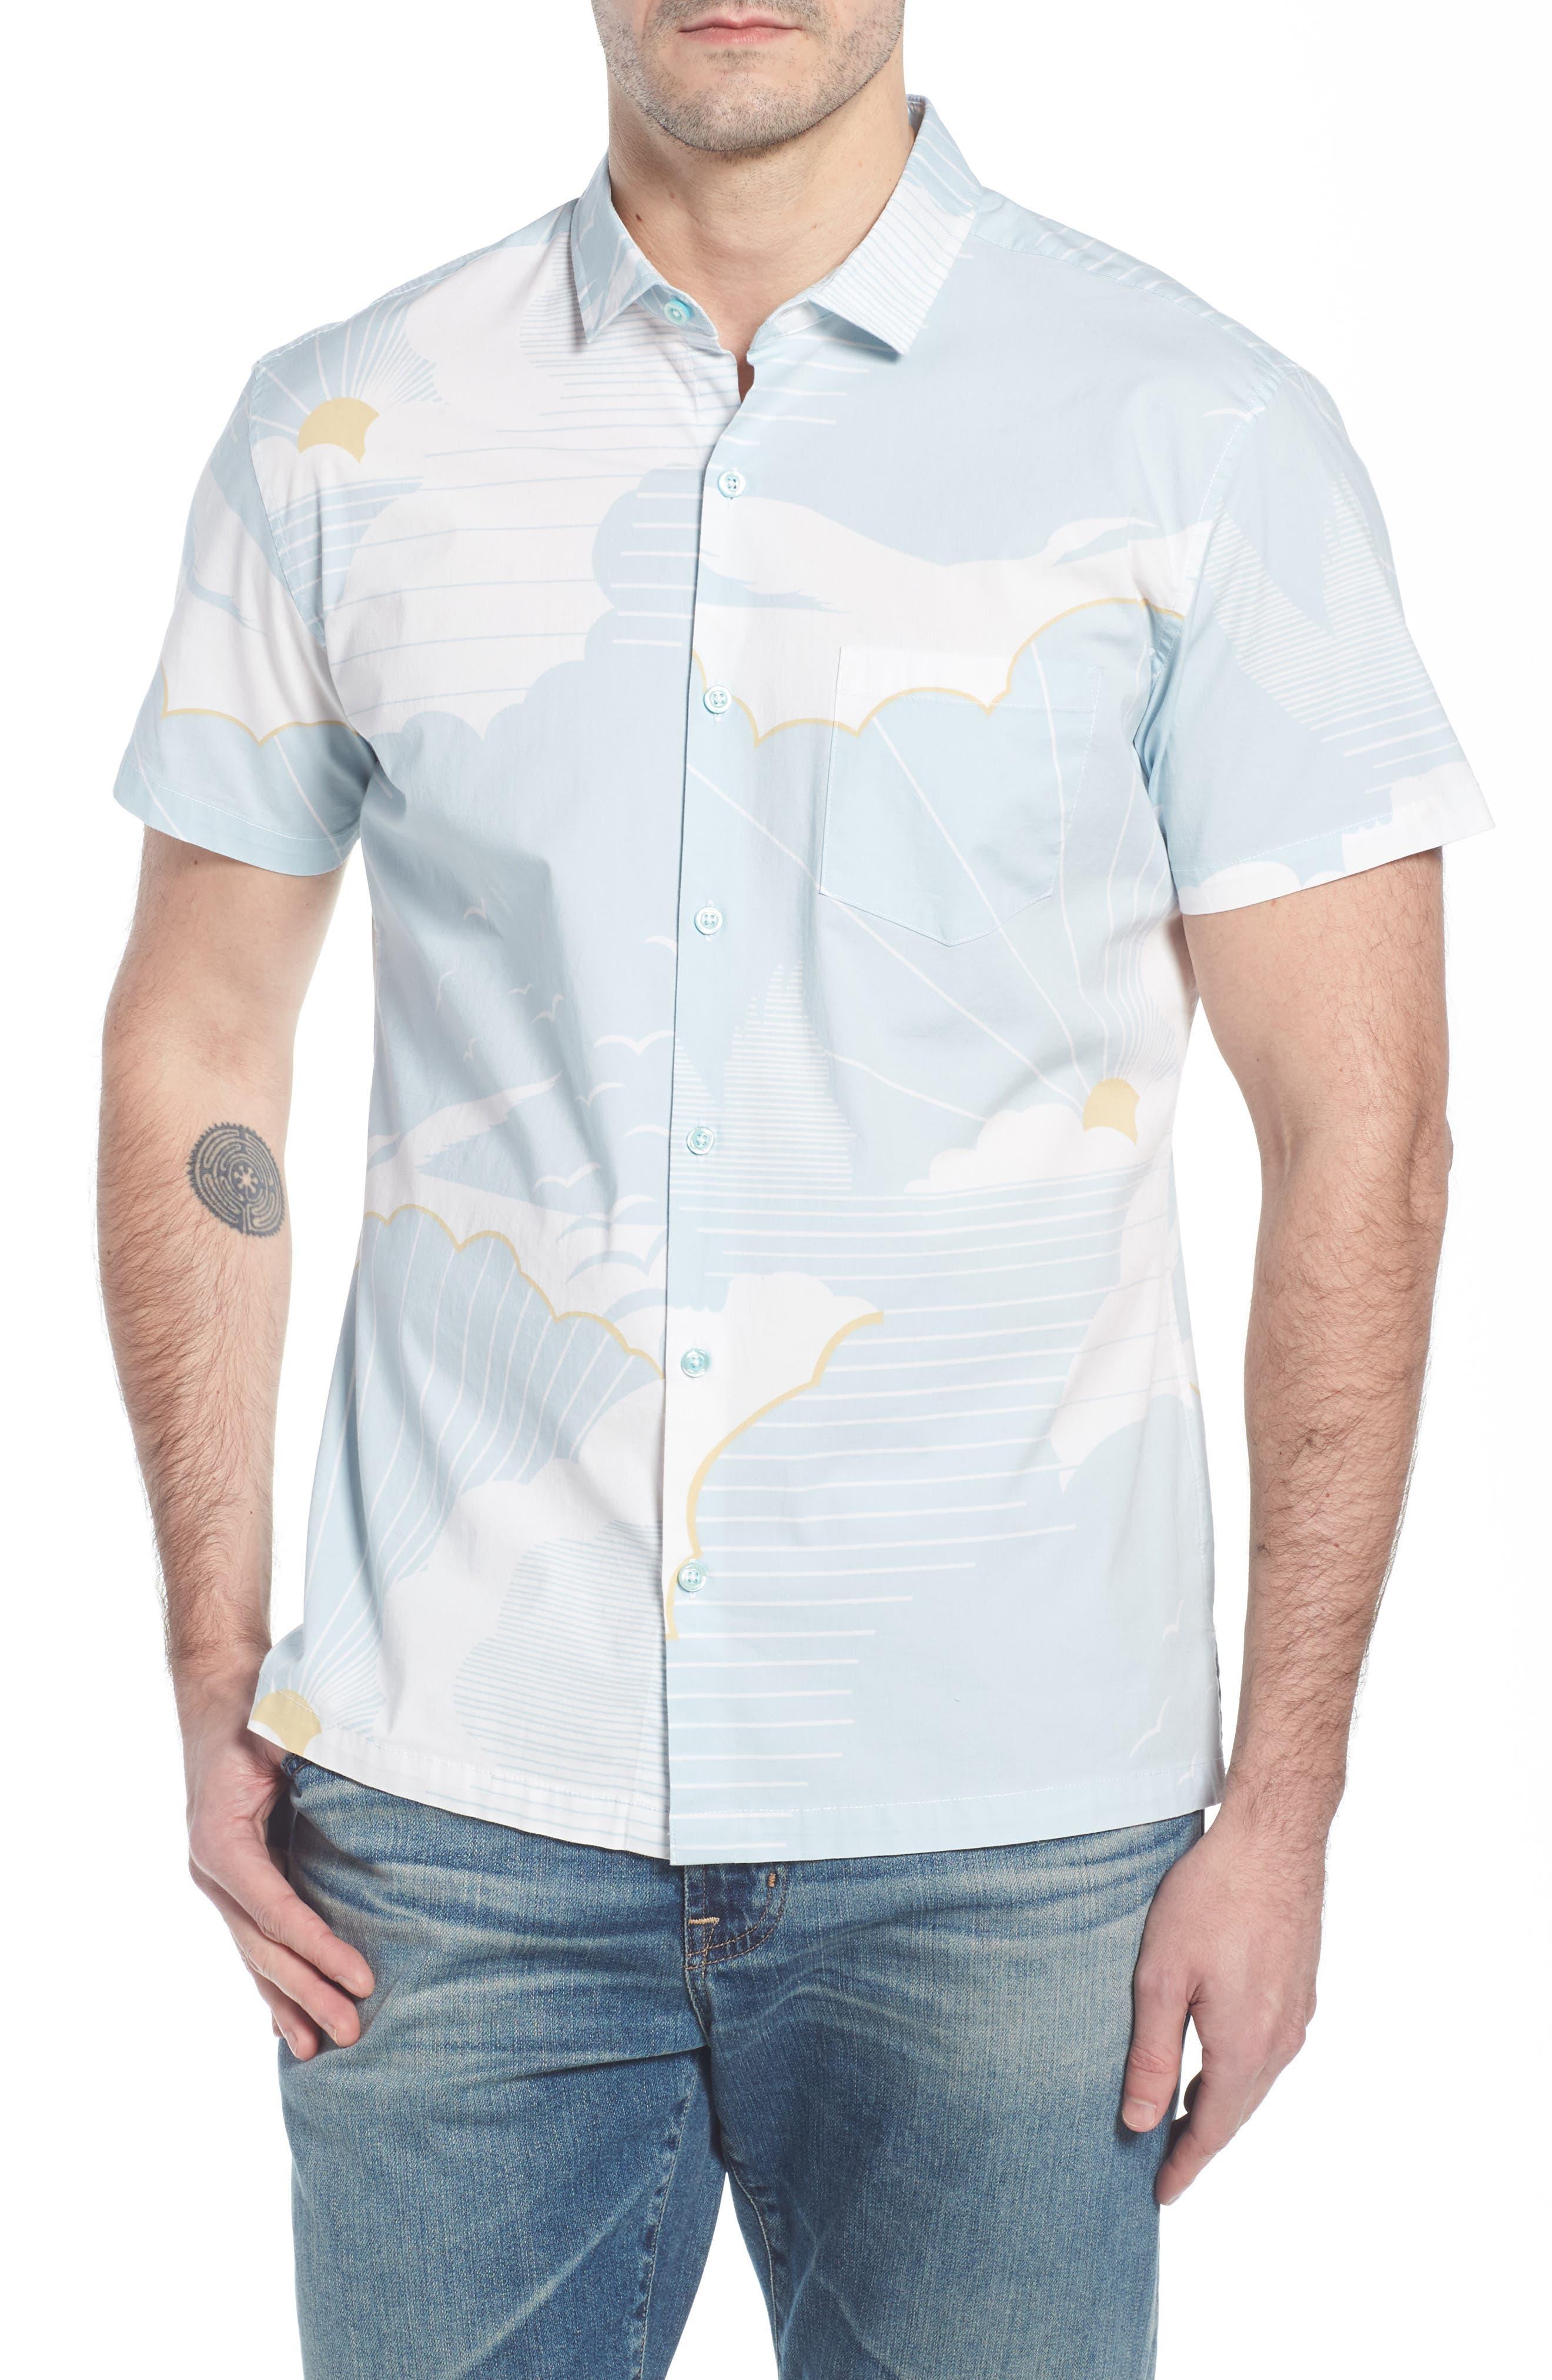 Daybreak Trim Fit Camp Shirt,                             Main thumbnail 1, color,                             WATER